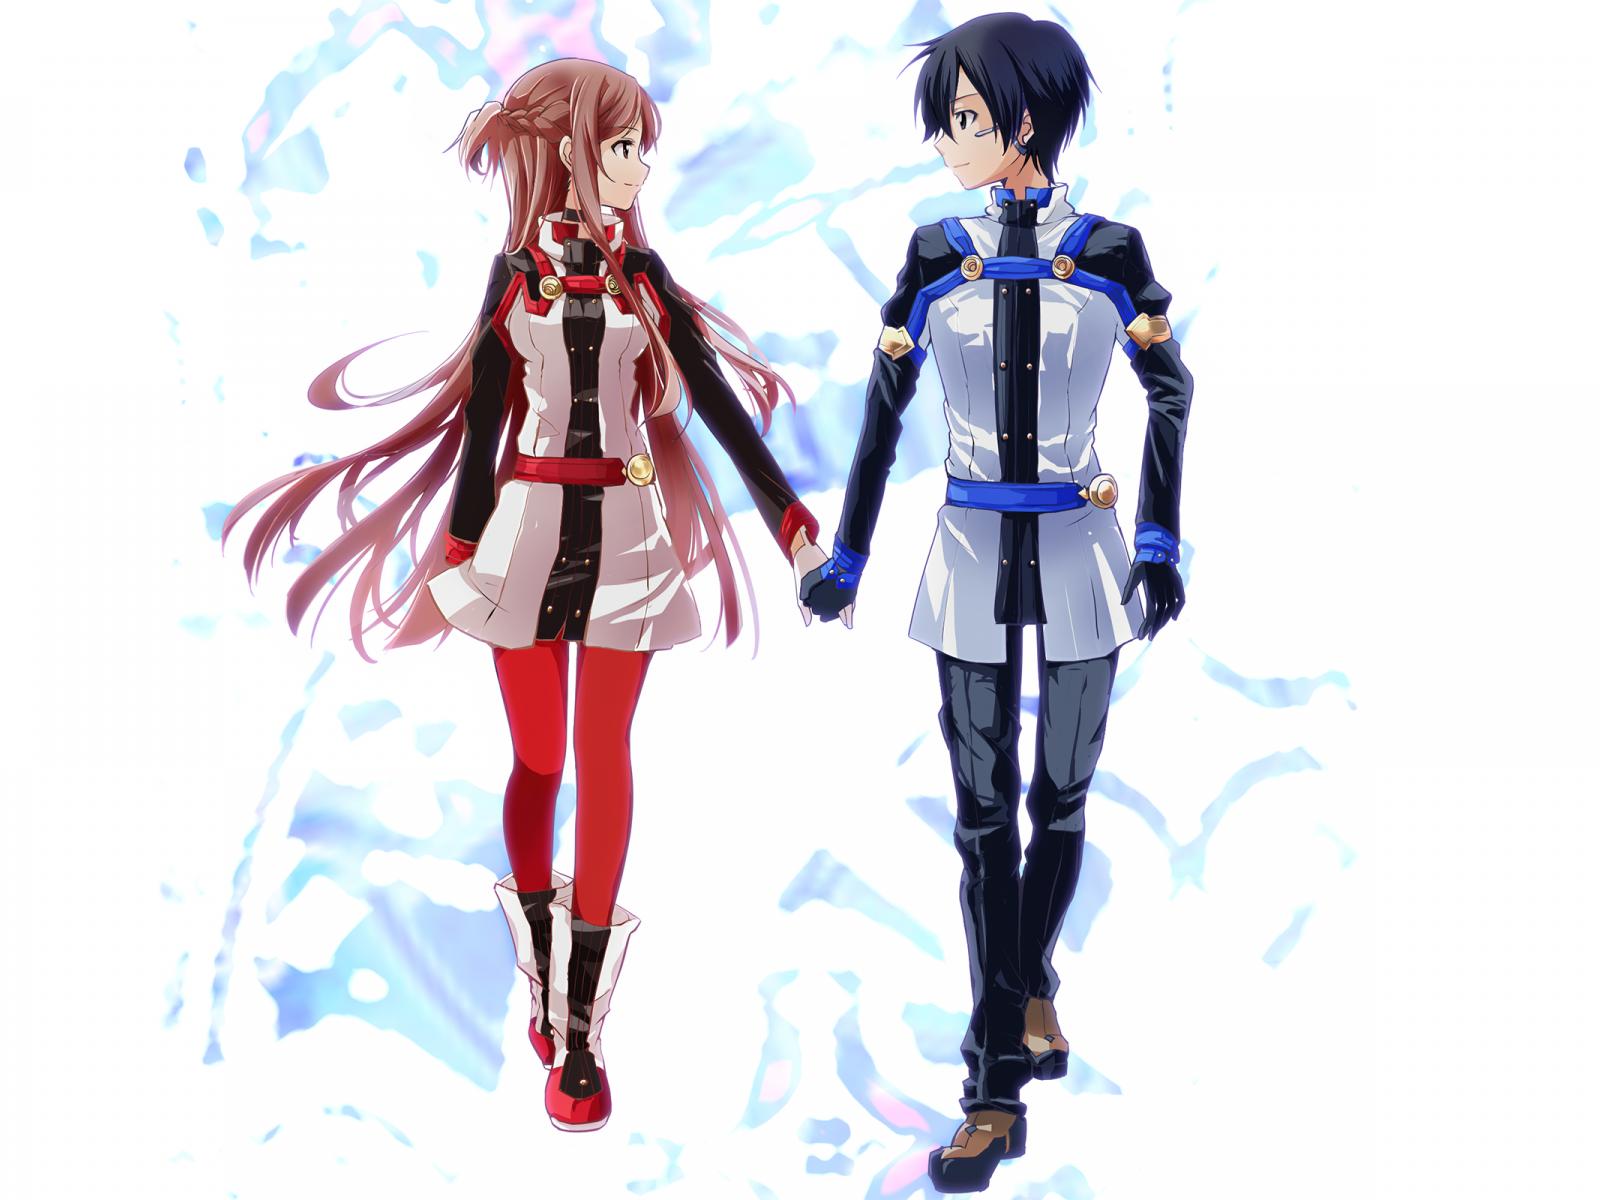 Download 104 Background Lucu Untuk Anime Gratis Terbaru